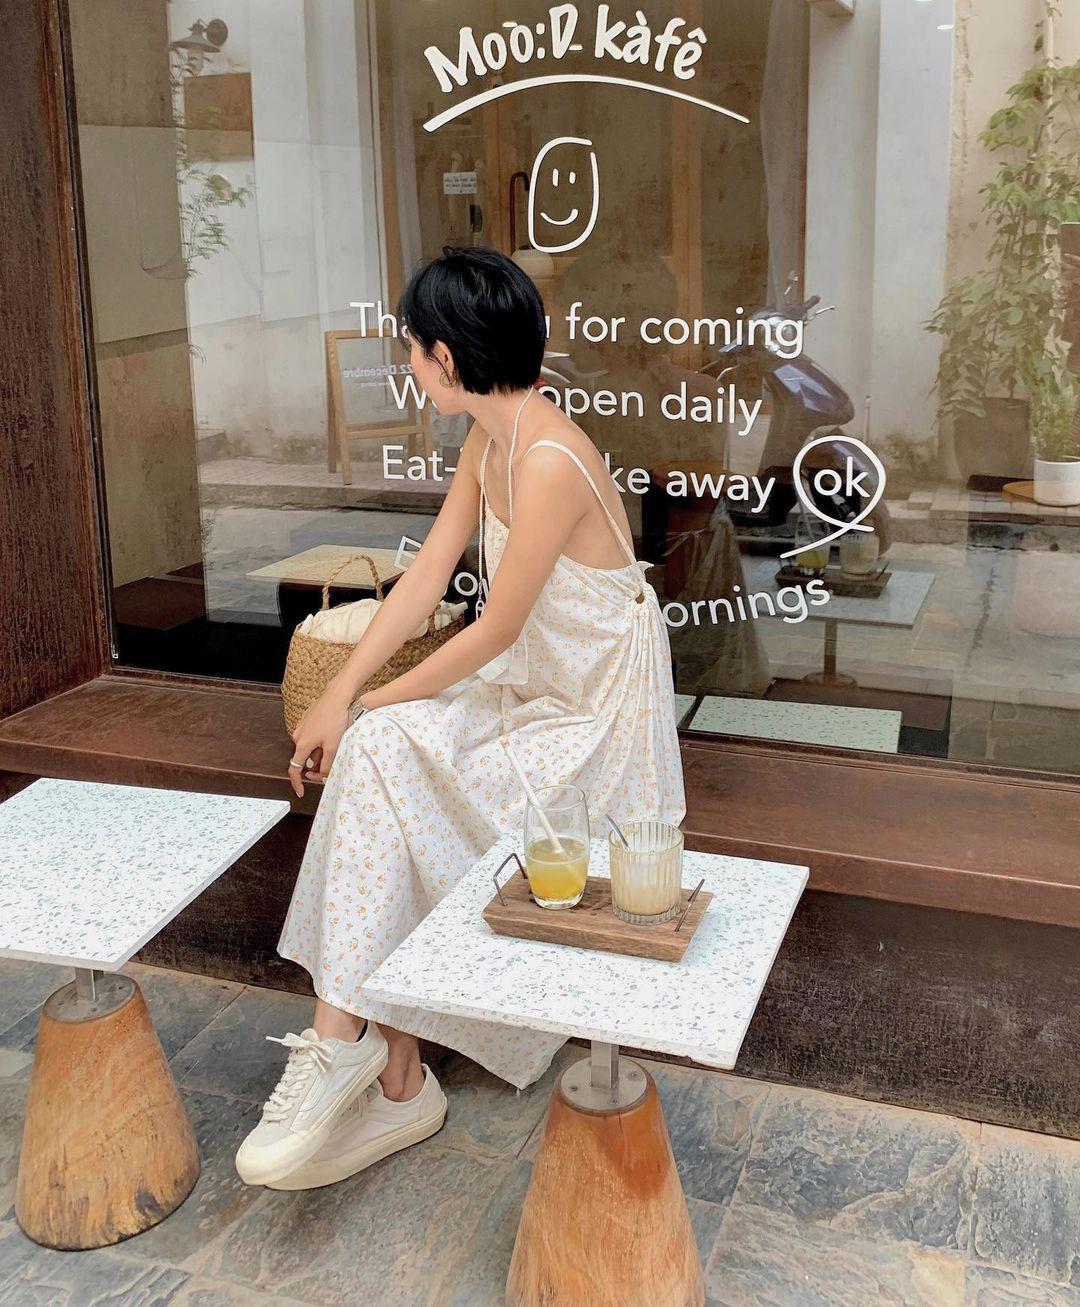 Chỉ từ 240k sắm váy hở lưng xinh yêu sexy lại mát rượi chấp hết nắng nóng Sài Gòn - Ảnh 9.